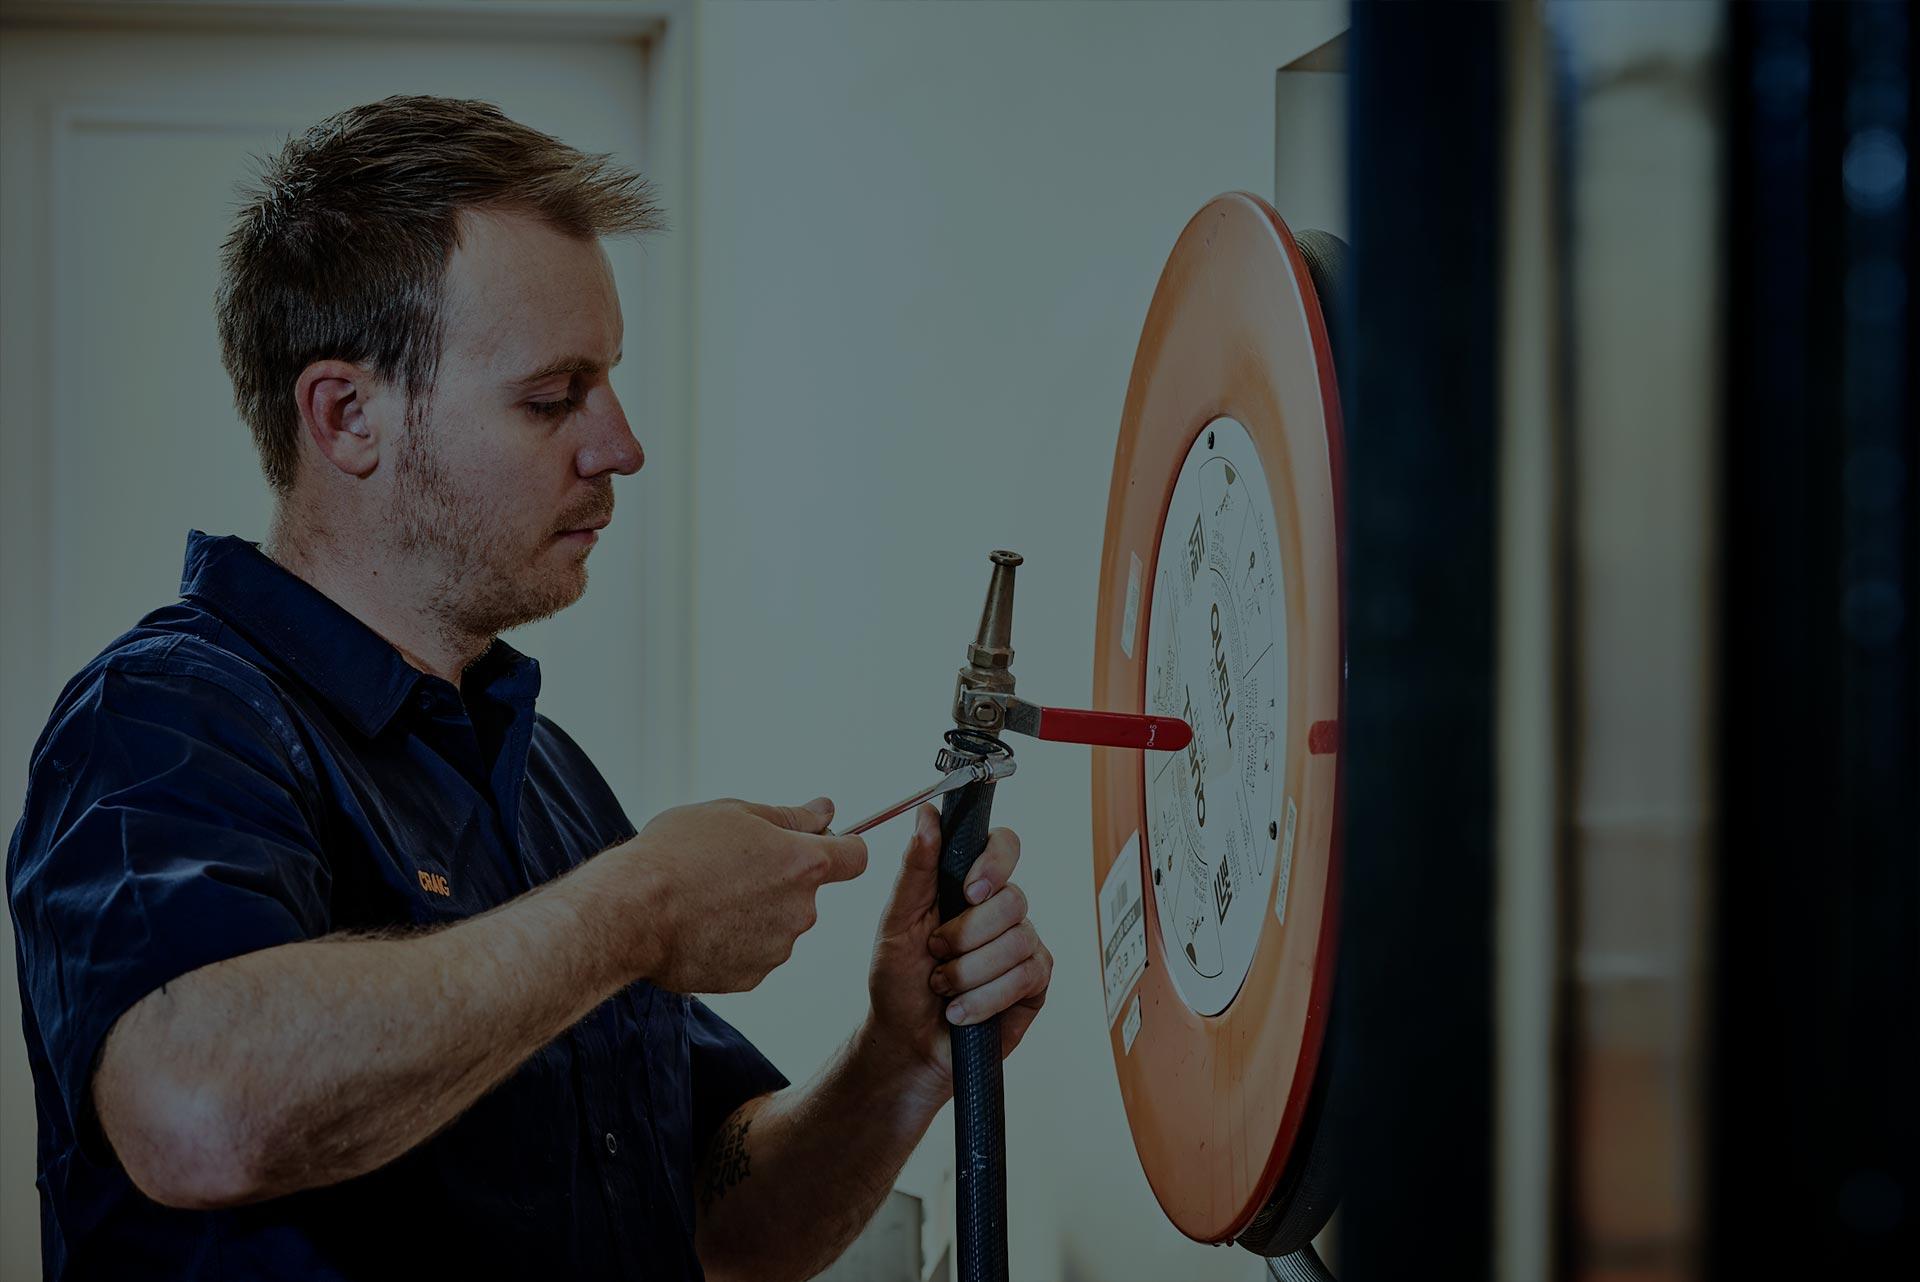 An Alexon employee installing a fire hose.